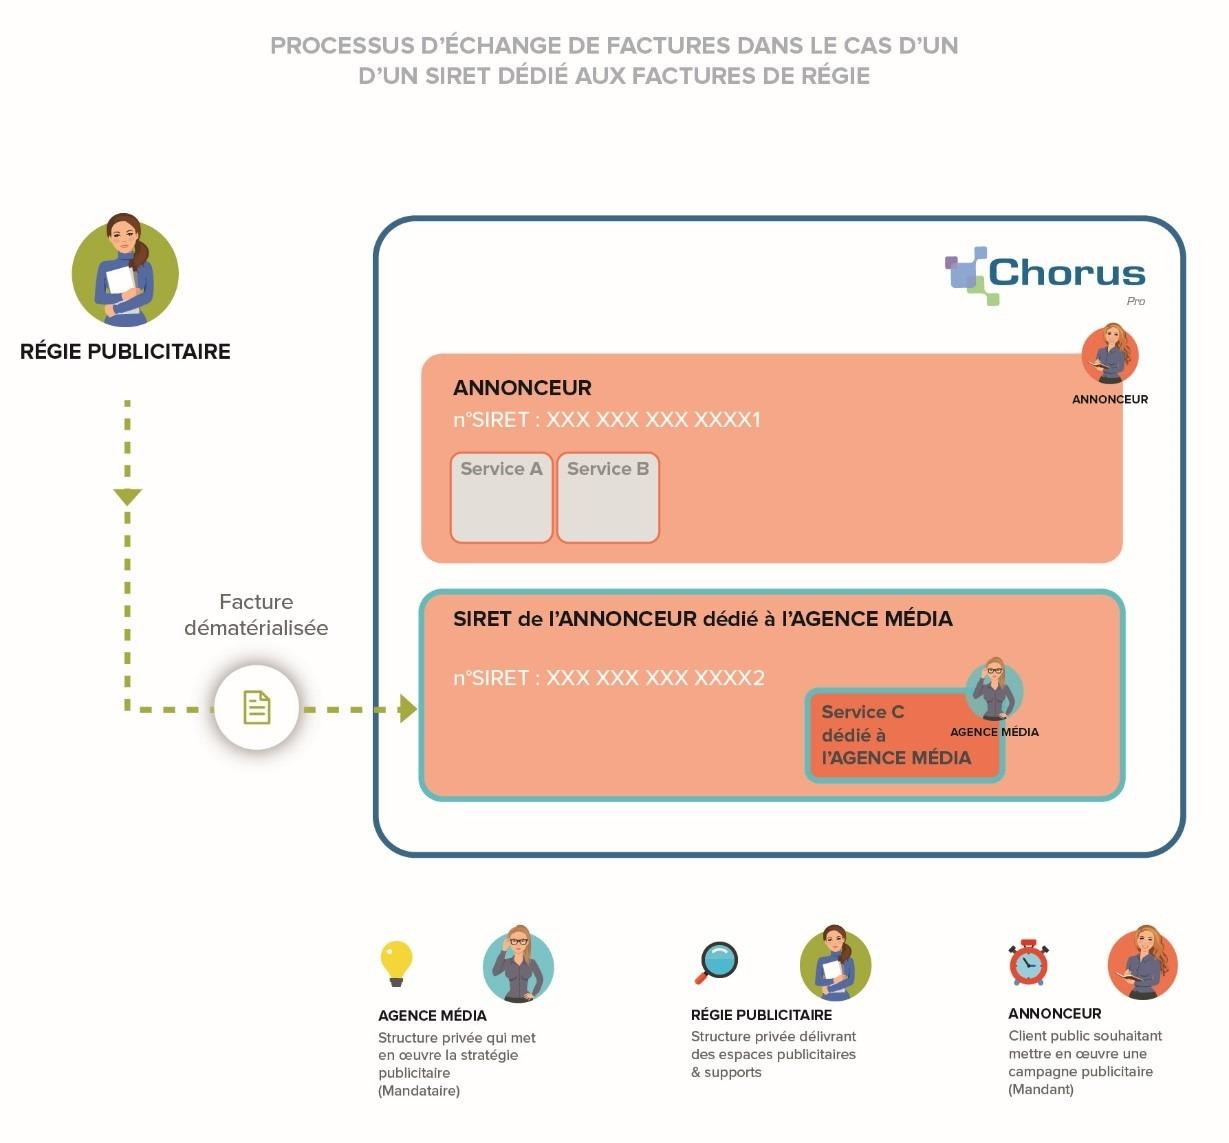 Processus d'échange siret unique/service dédié aux factures de régie